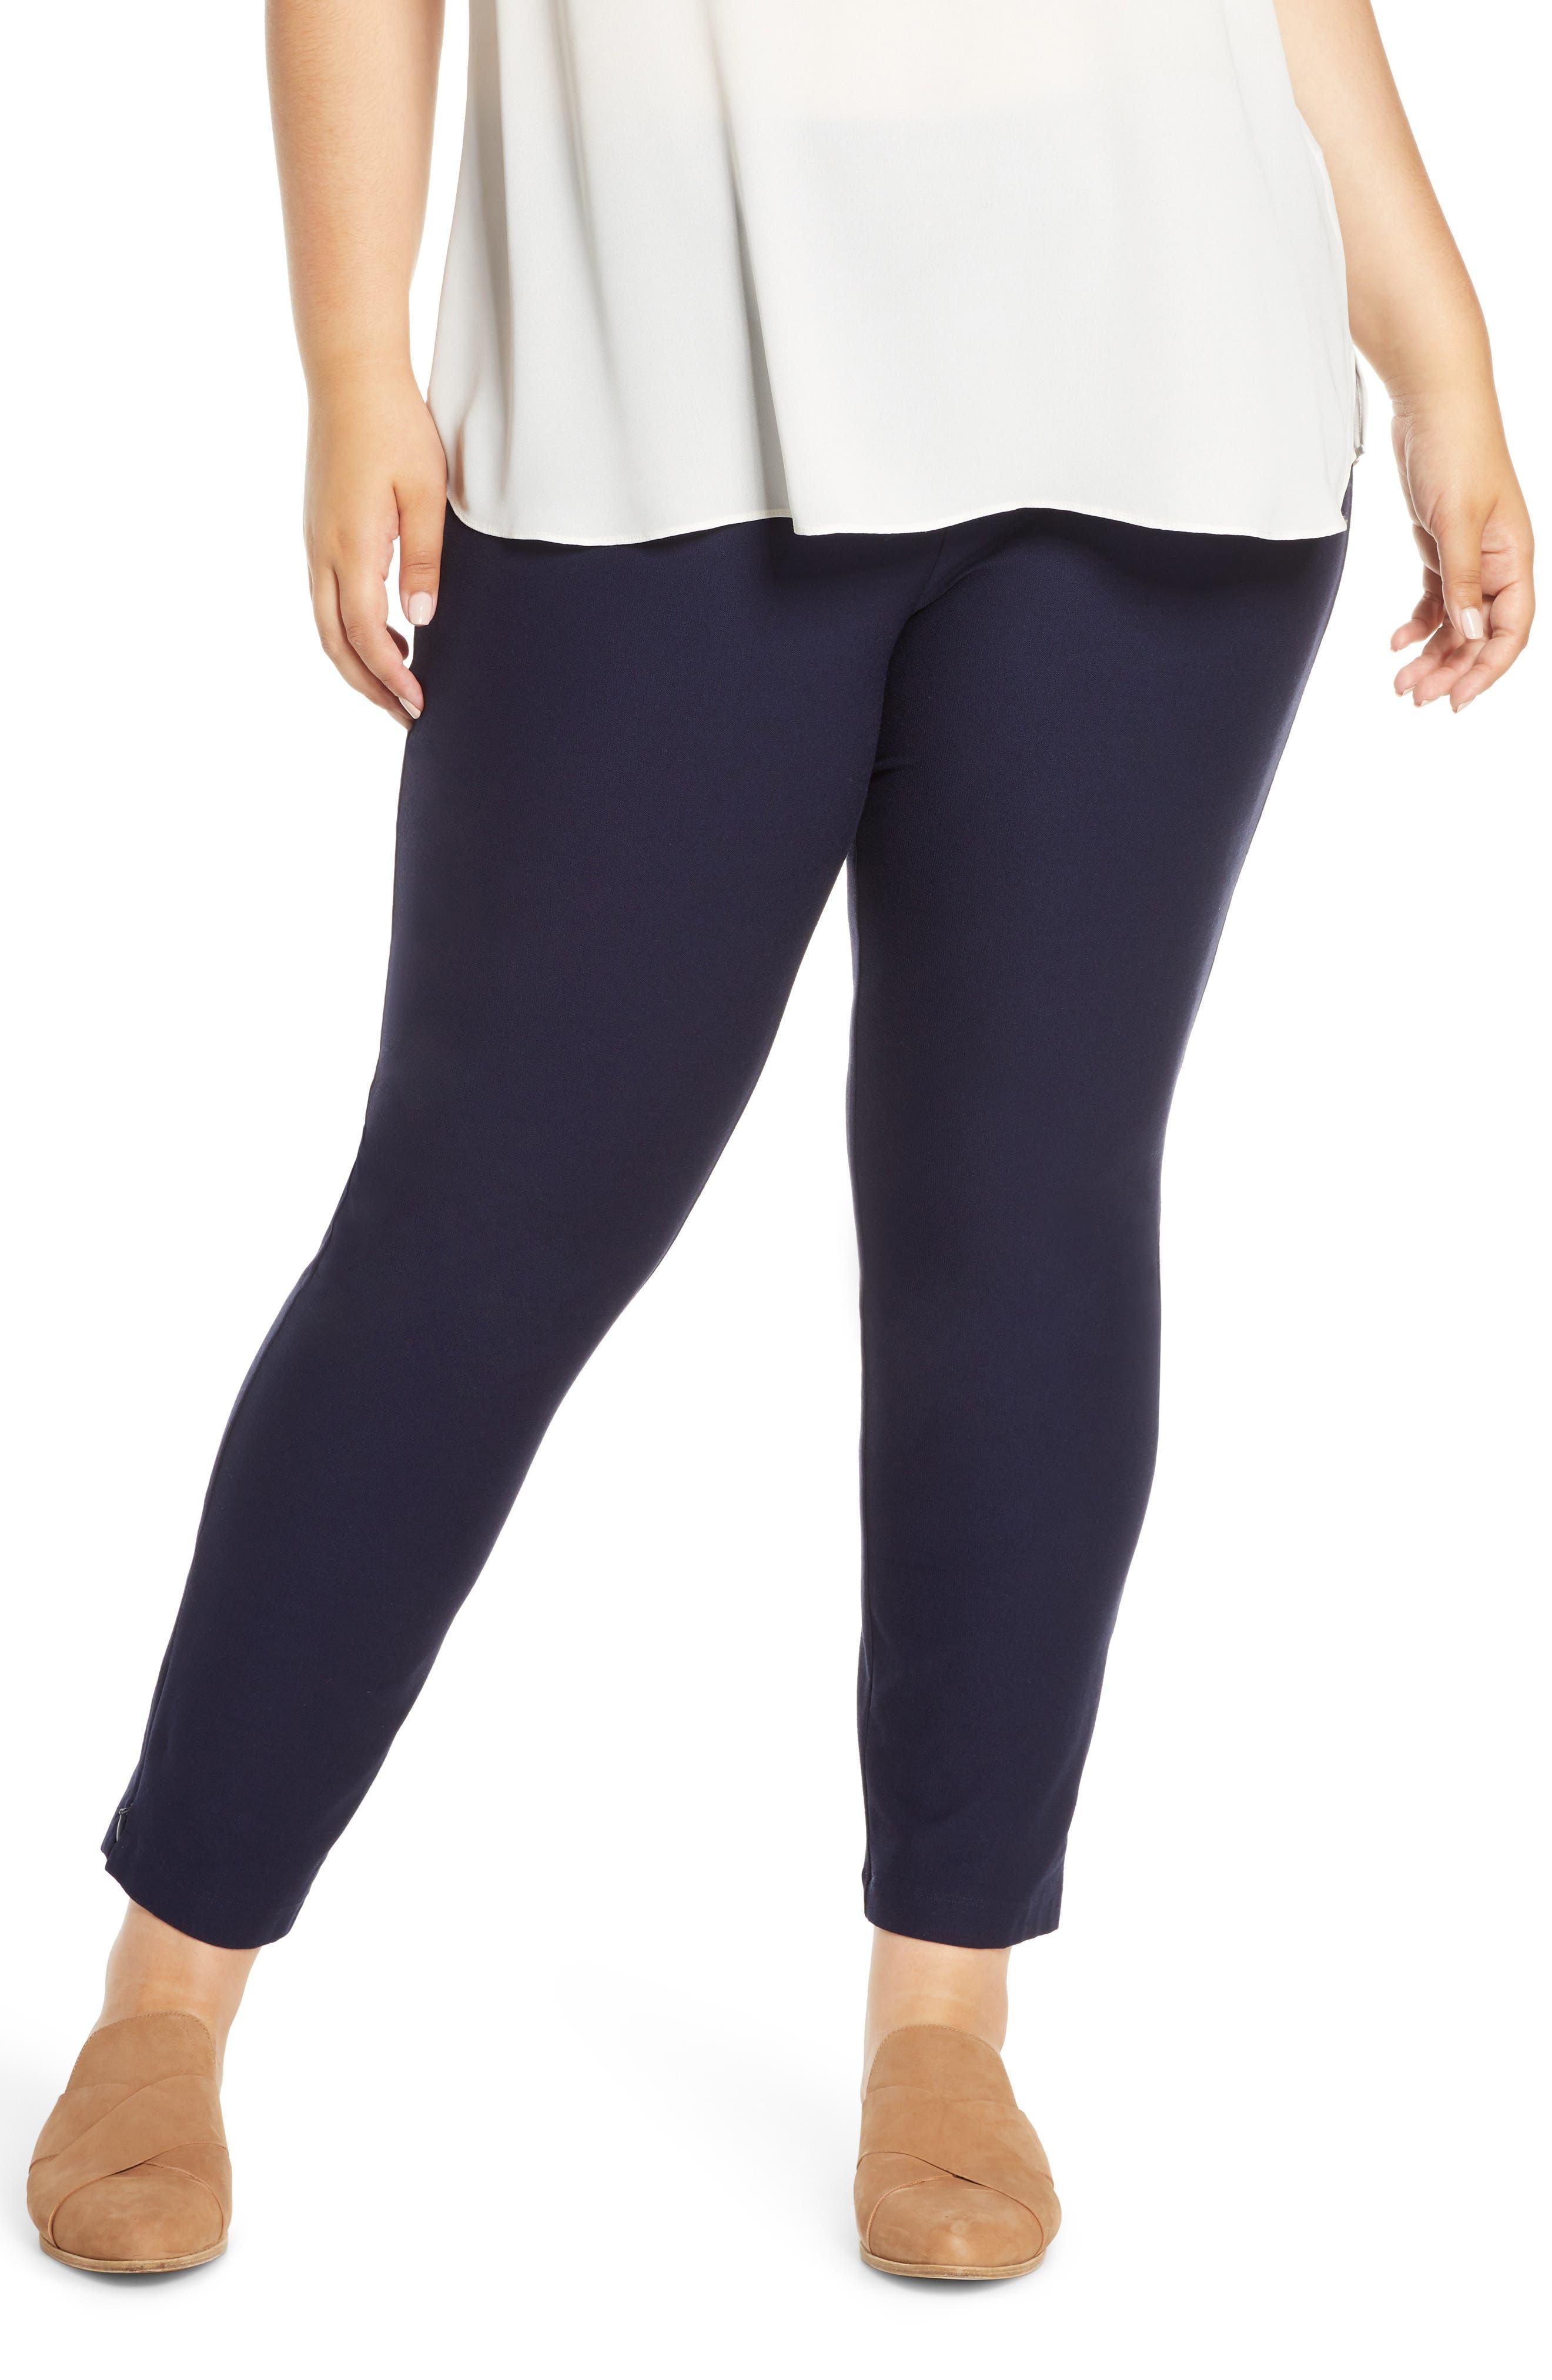 Plus Women's Eileen Fisher Slim Zip Cuff Ankle Pants